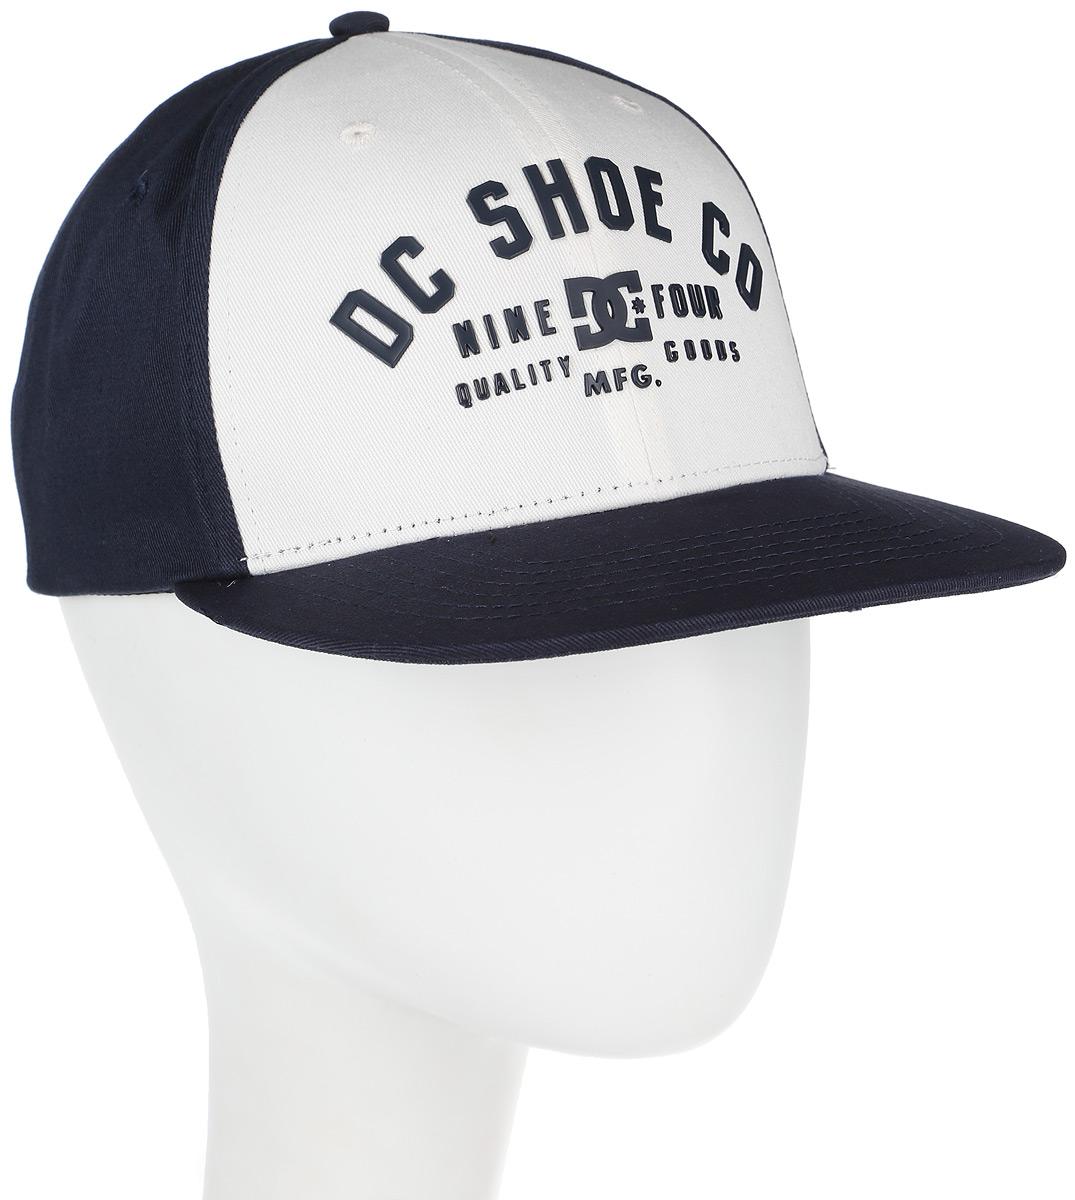 Бейсболка мужская DC Shoes Garver, цвет: белый, черный. ADYHA03426-WBB0. Размер универсальный dali rubicon vokal walnut